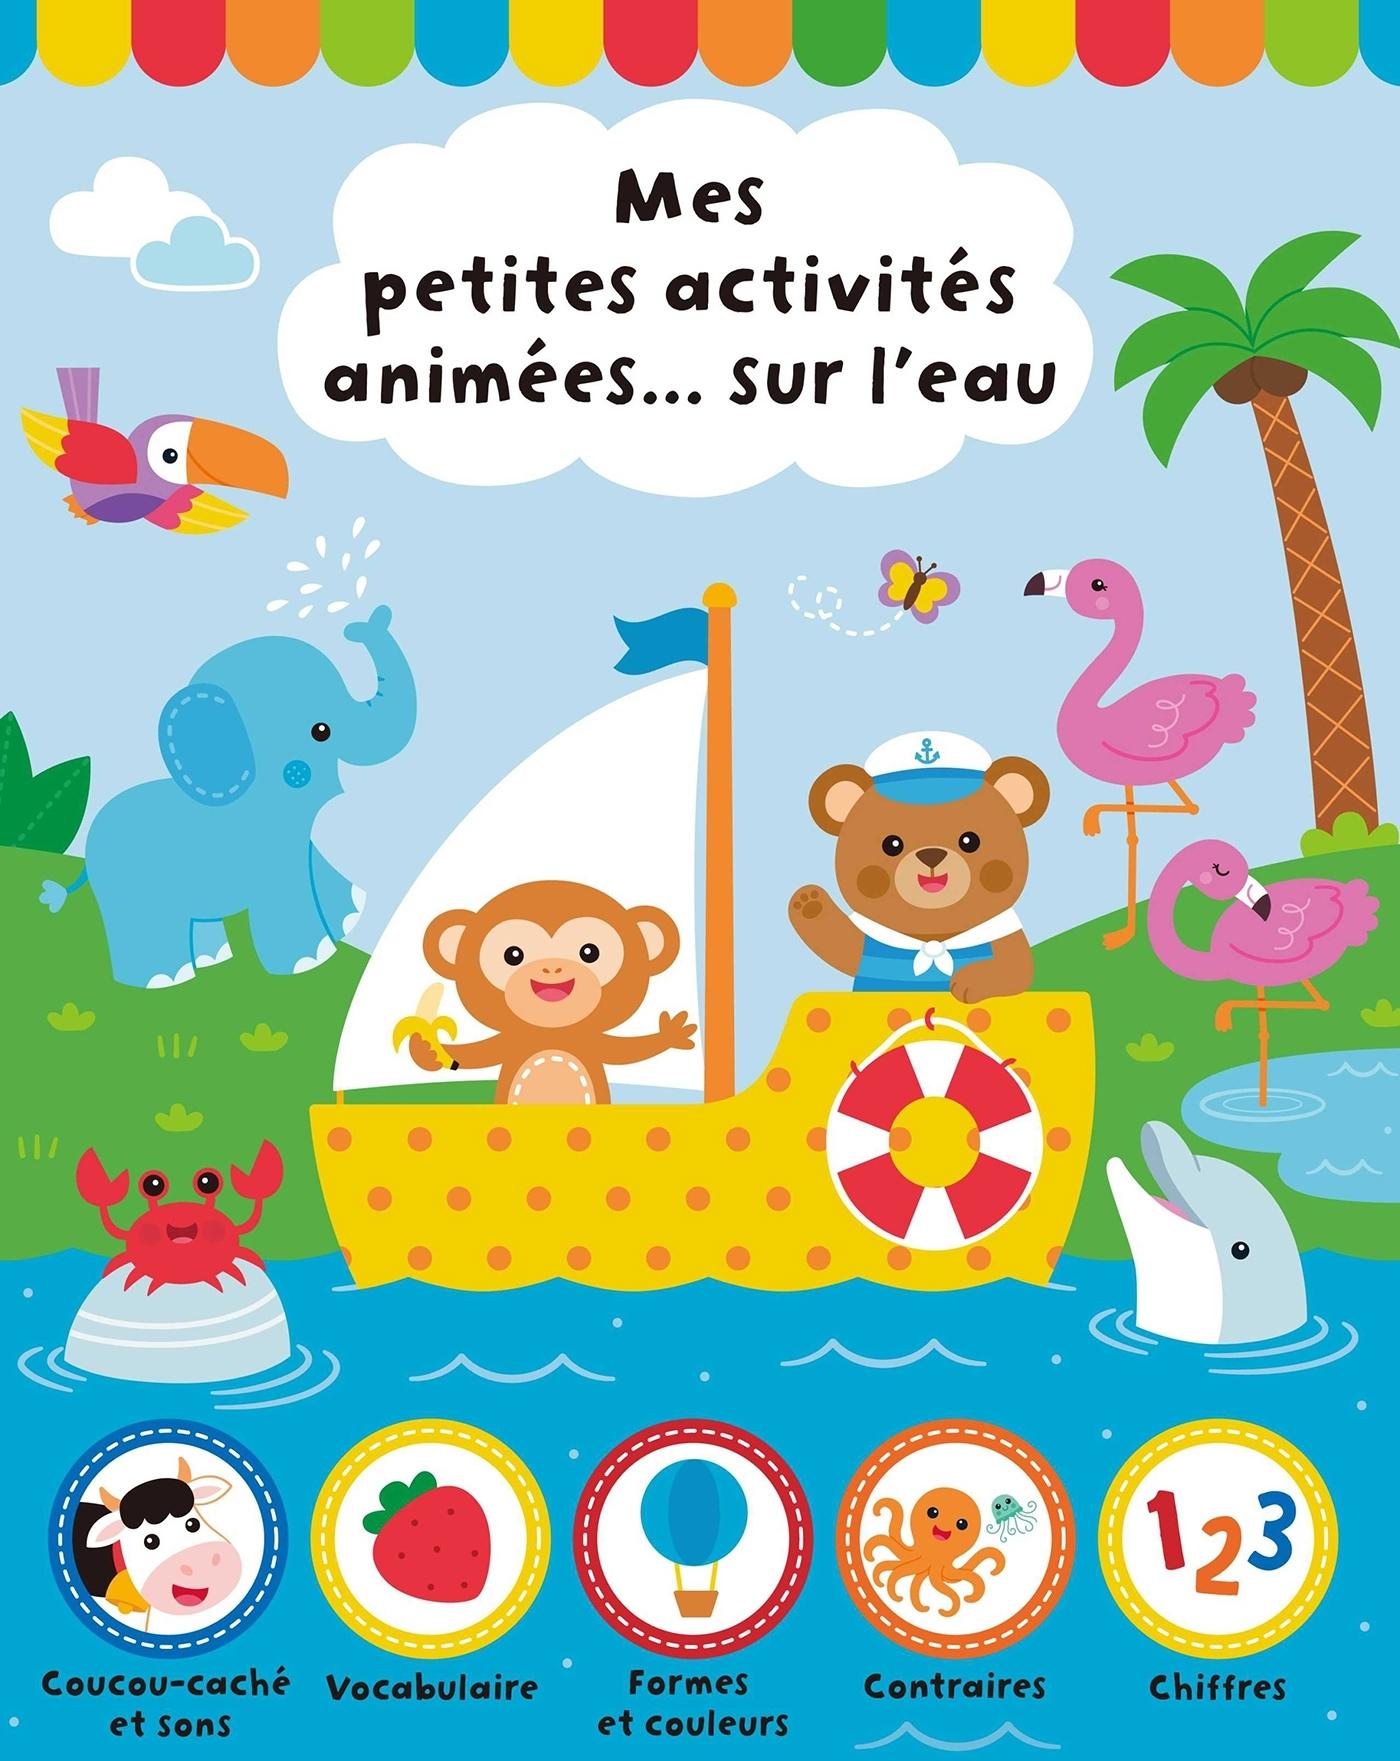 MES PETITES ACTIVITES ANIMEES... SUR L'EAU